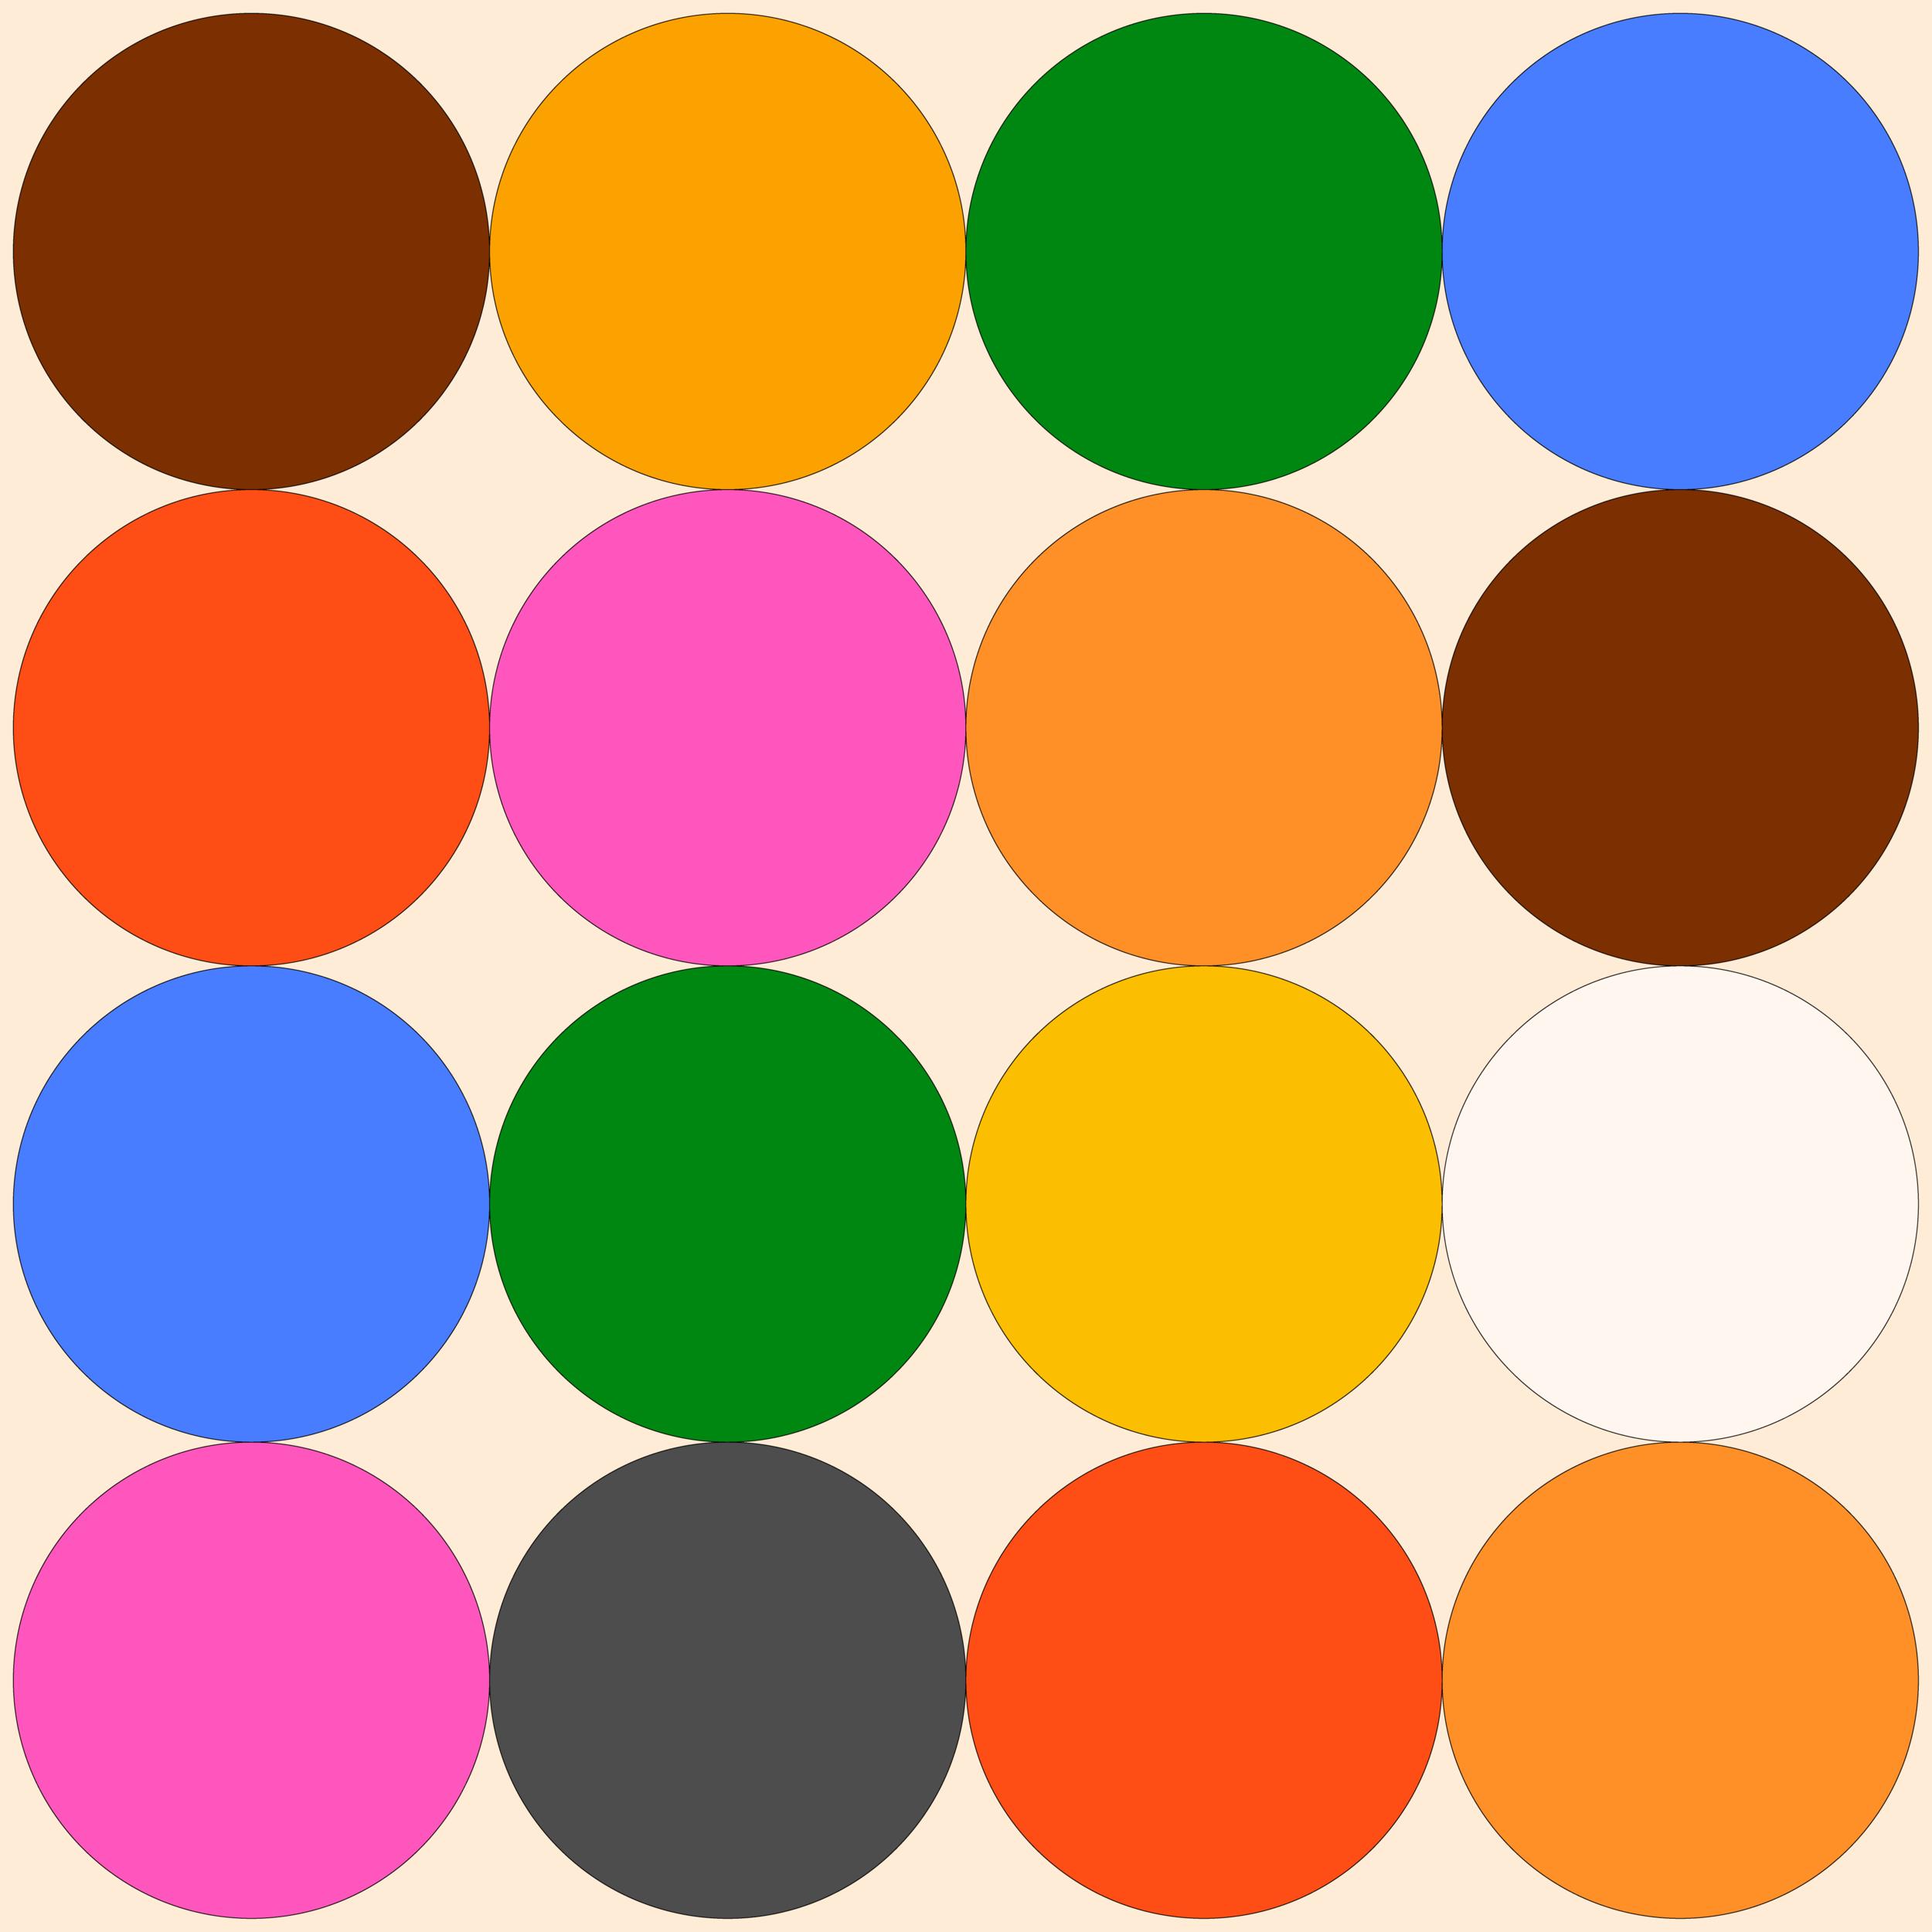 mod-dots-site-01.png